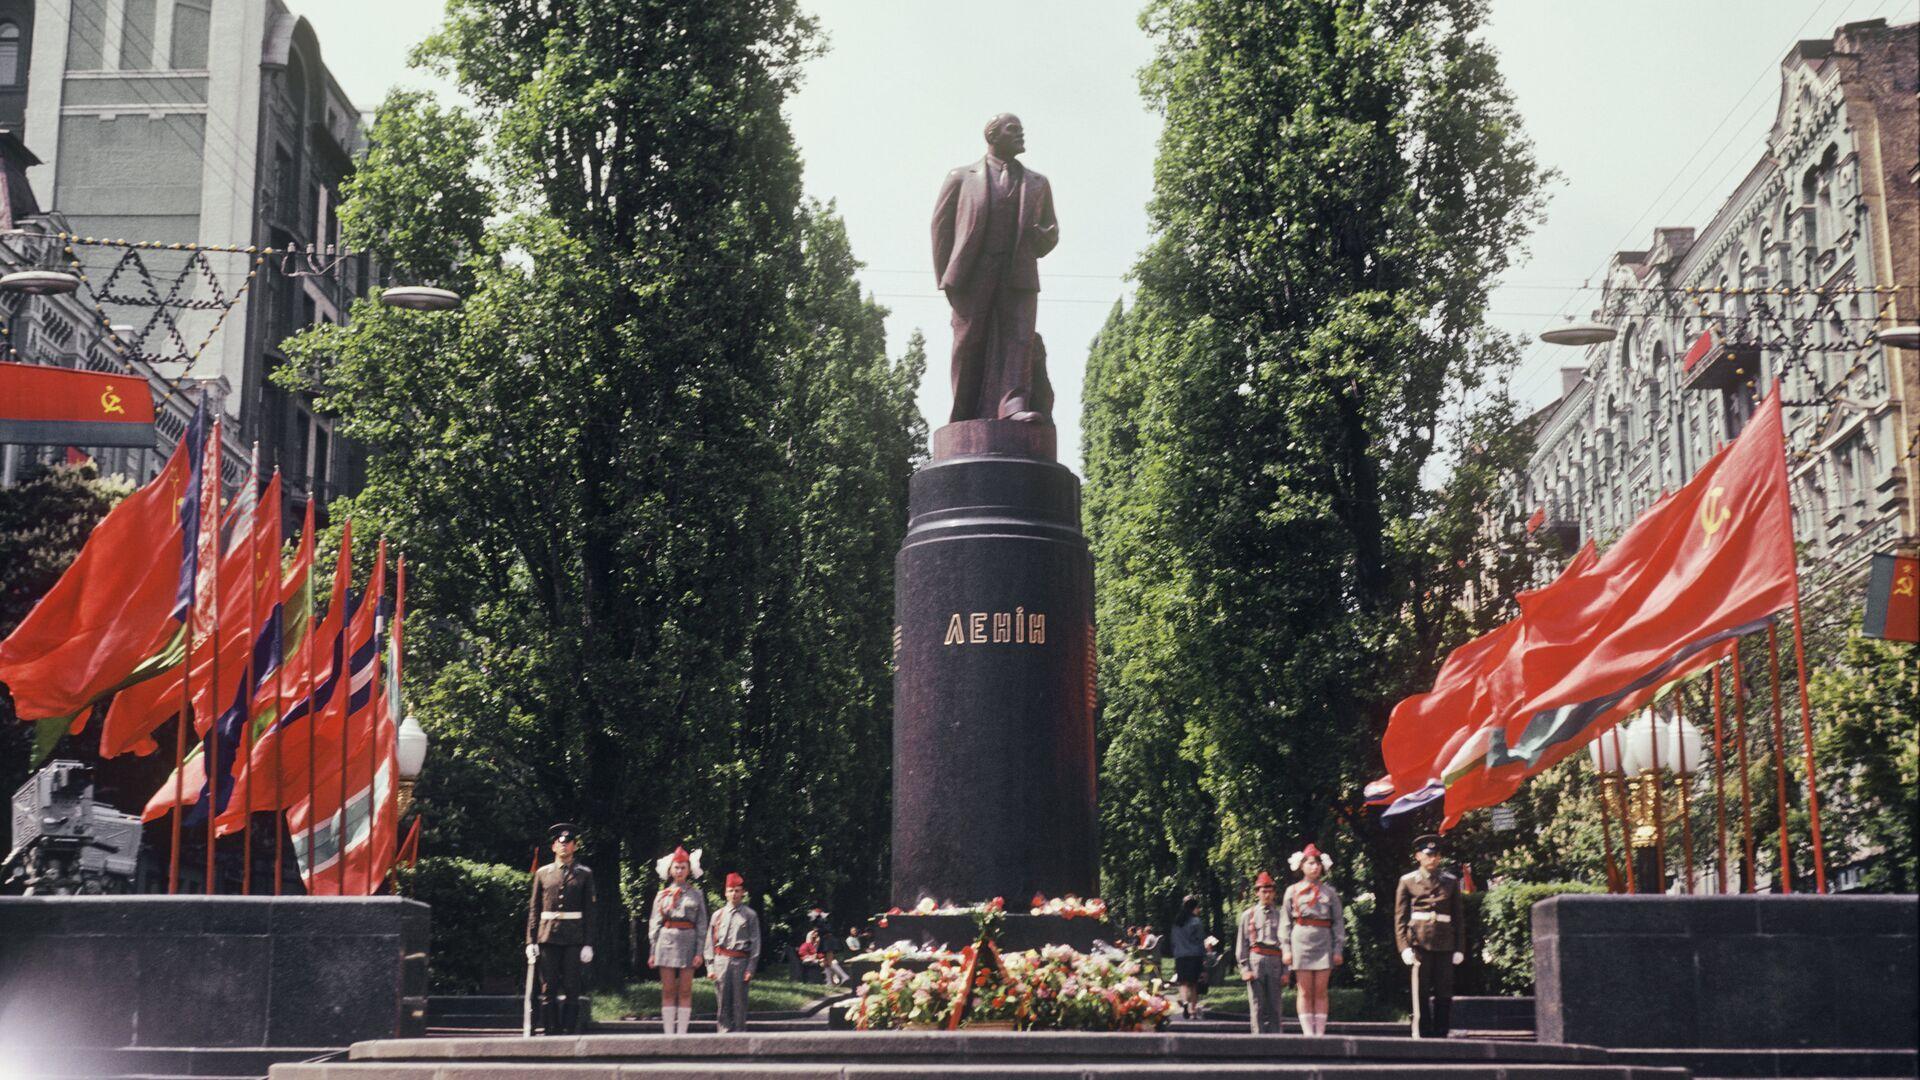 СБУ допросила художника из-за инсталляции, где украинцы стоят на коленях